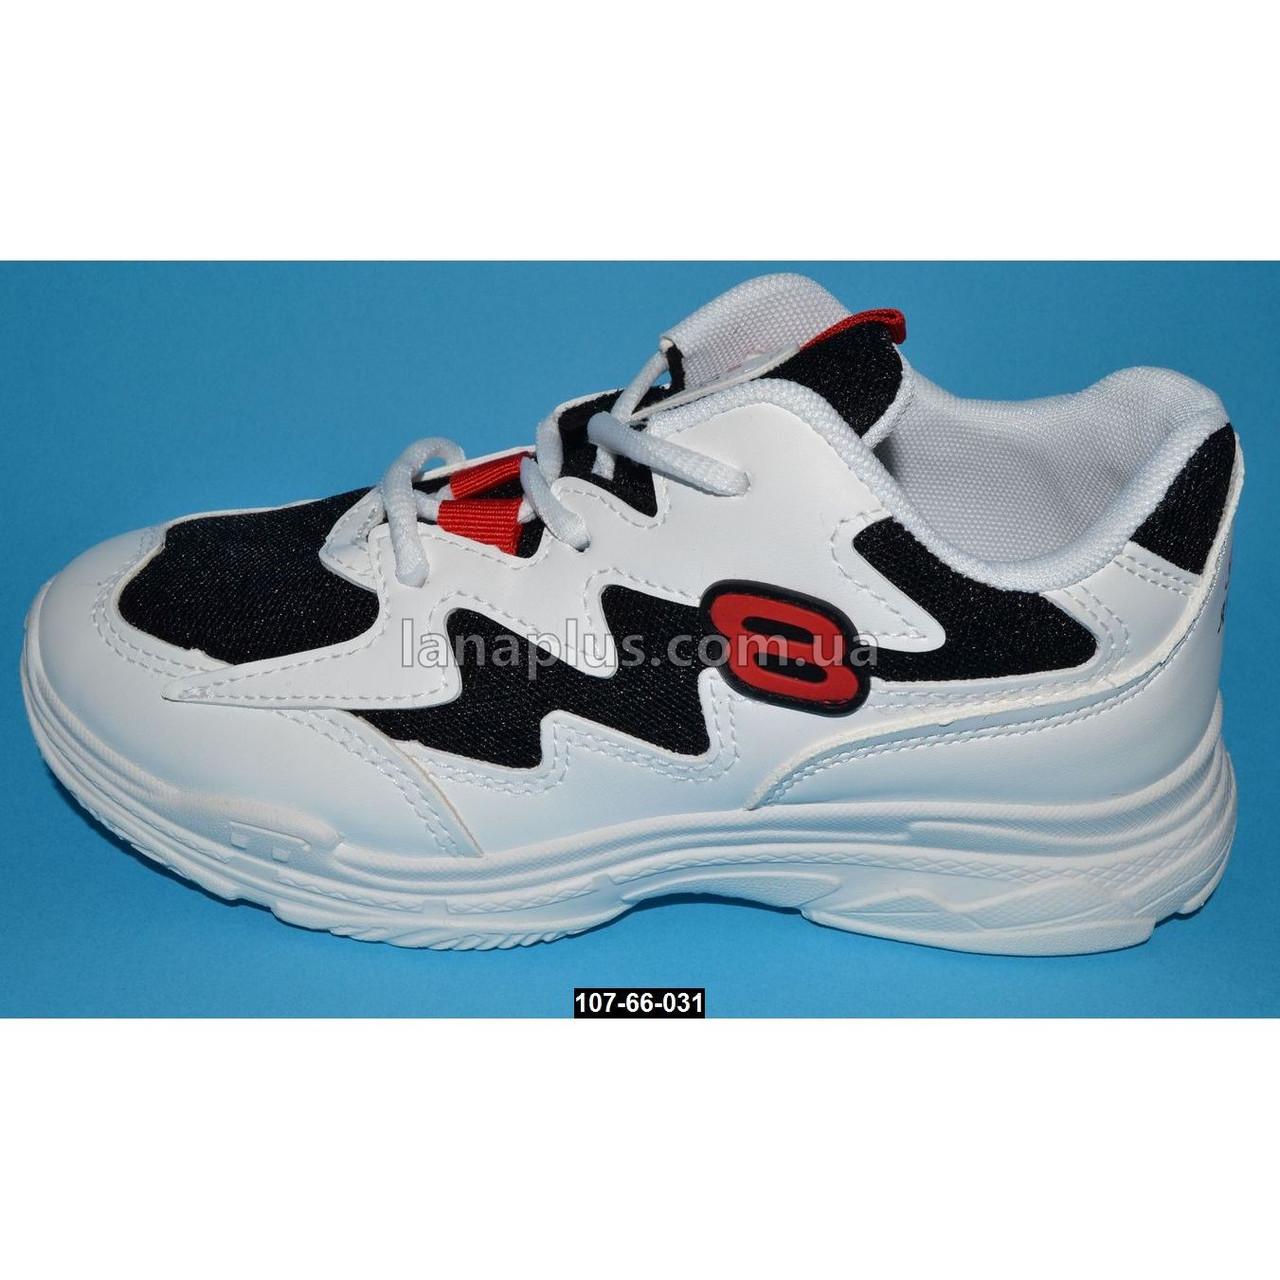 Стильные дышащие кроссовки, 37 размер (23 см), 107-66-031